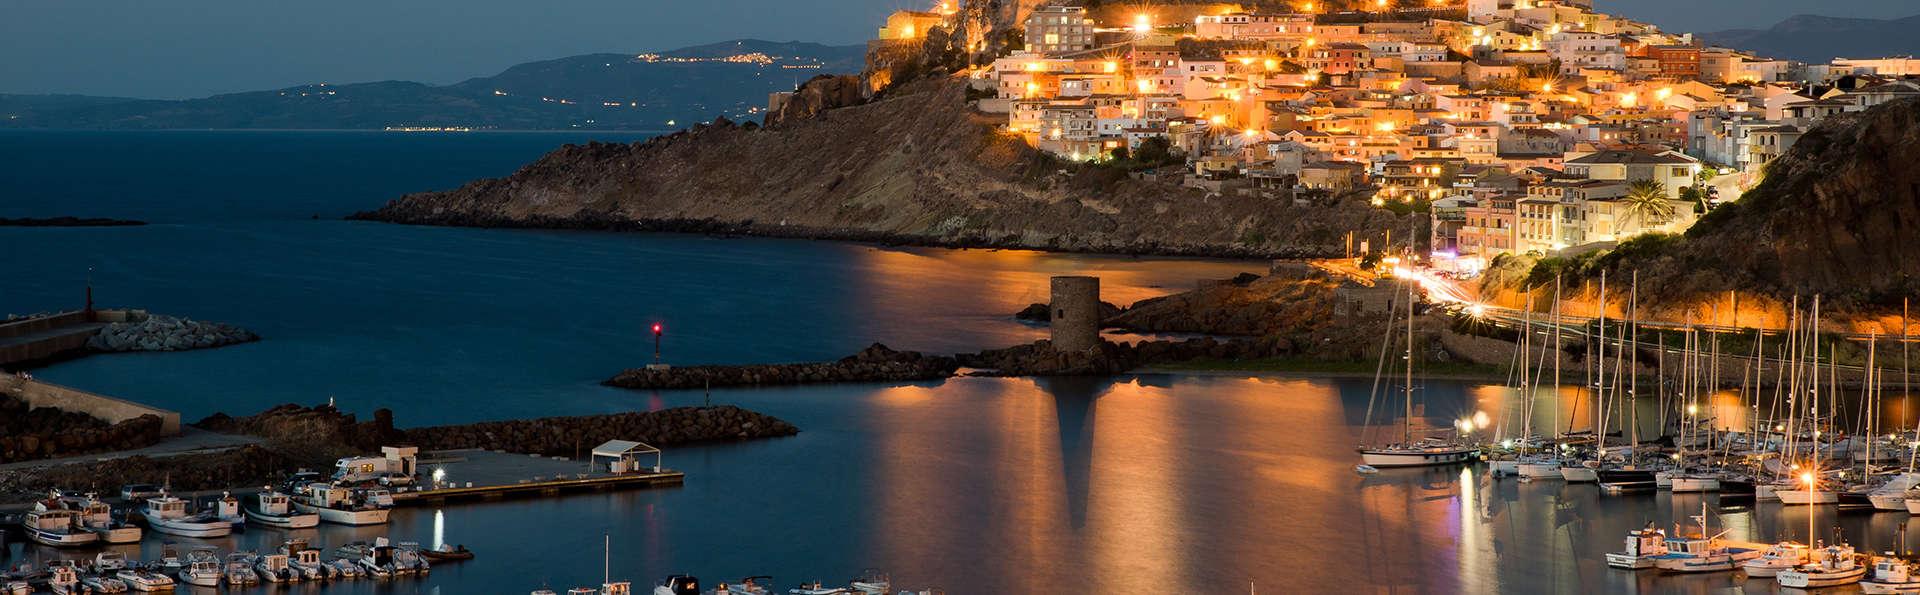 Spécial été : réservez votre séjour entre mer et montagne à un prix imbattable à Castelsardo